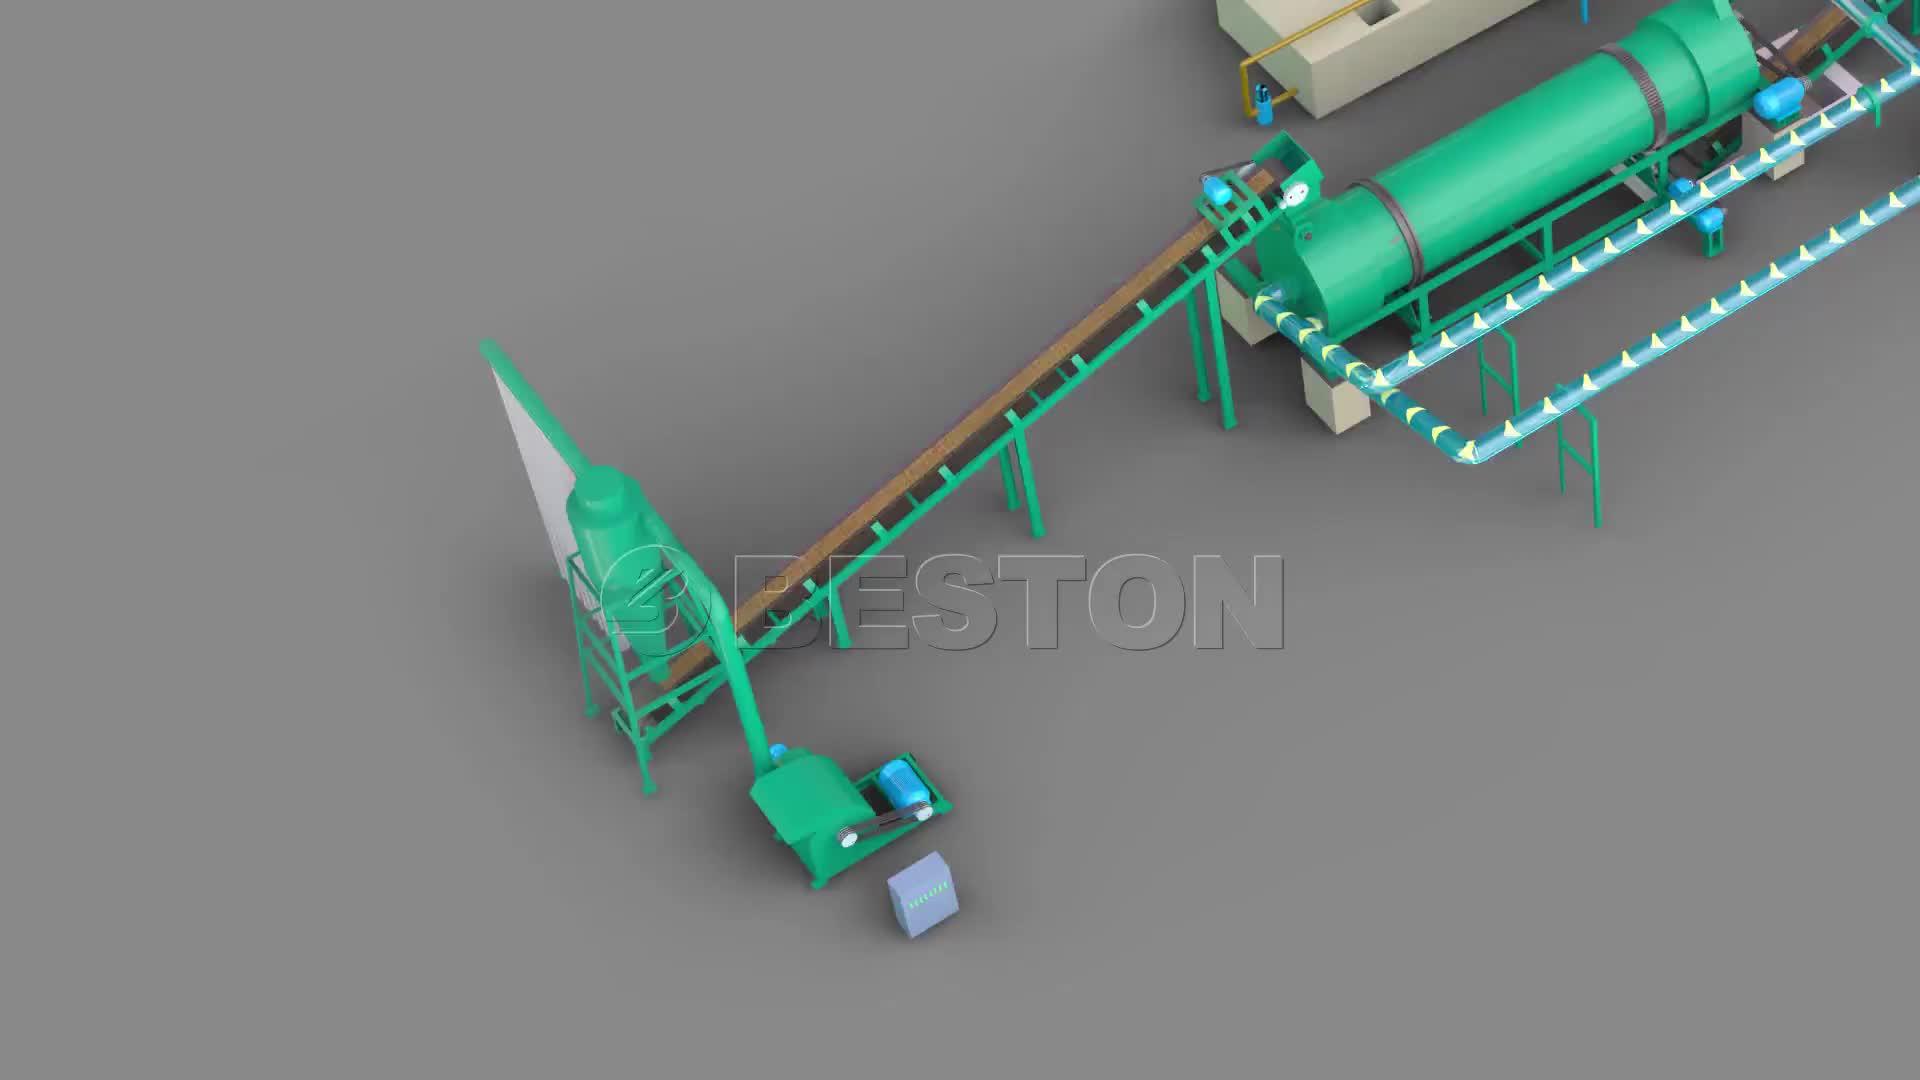 Ar quente pé de milho máquina do carvão vegetal de carbonização de biomassa que faz a planta